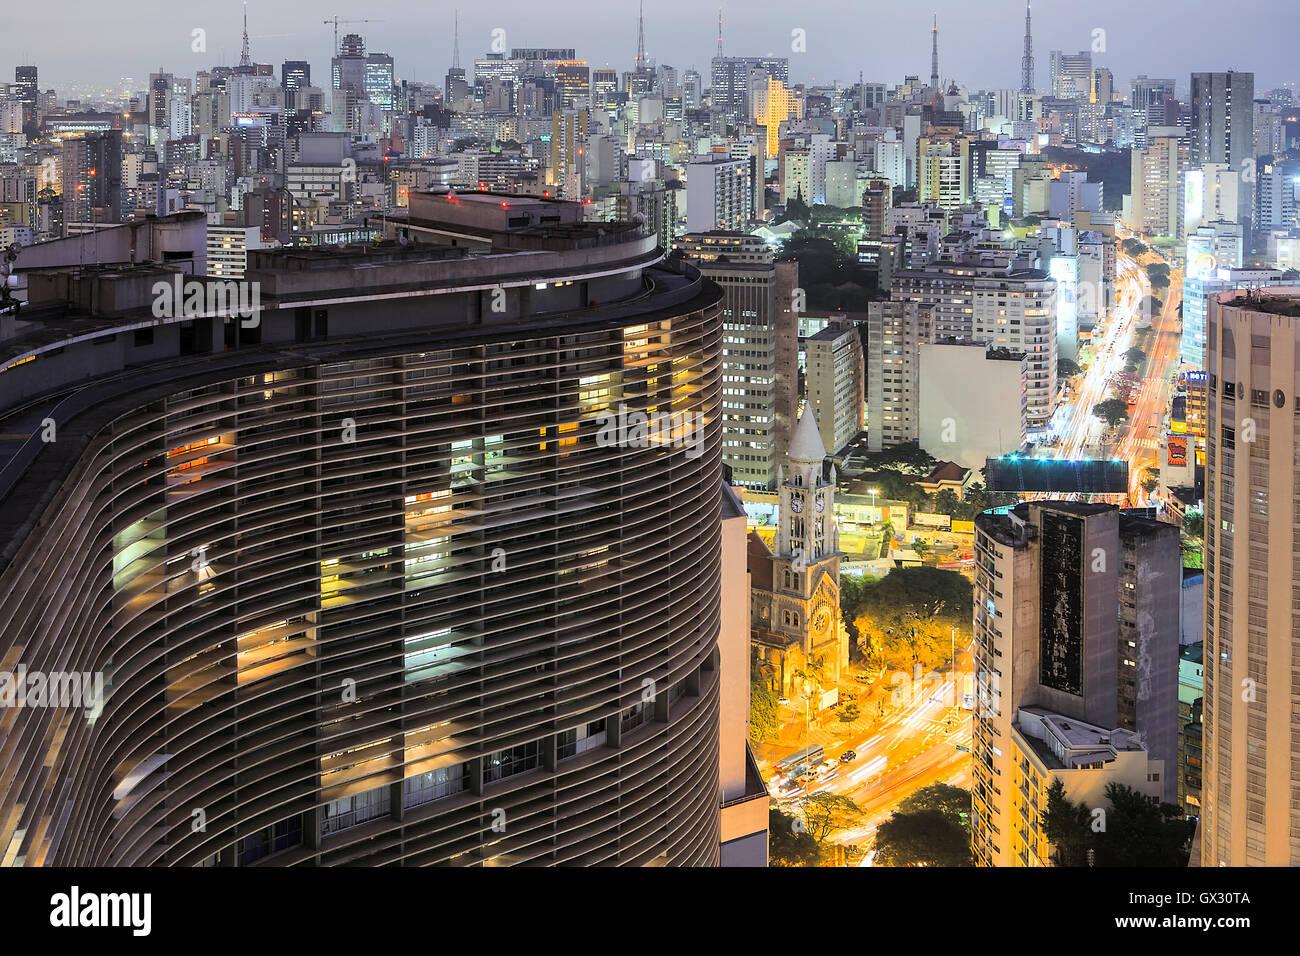 Vista del centro de la ciudad de Sao Paulo con el edificio Copan de Niemeyer en primer plano Imagen De Stock